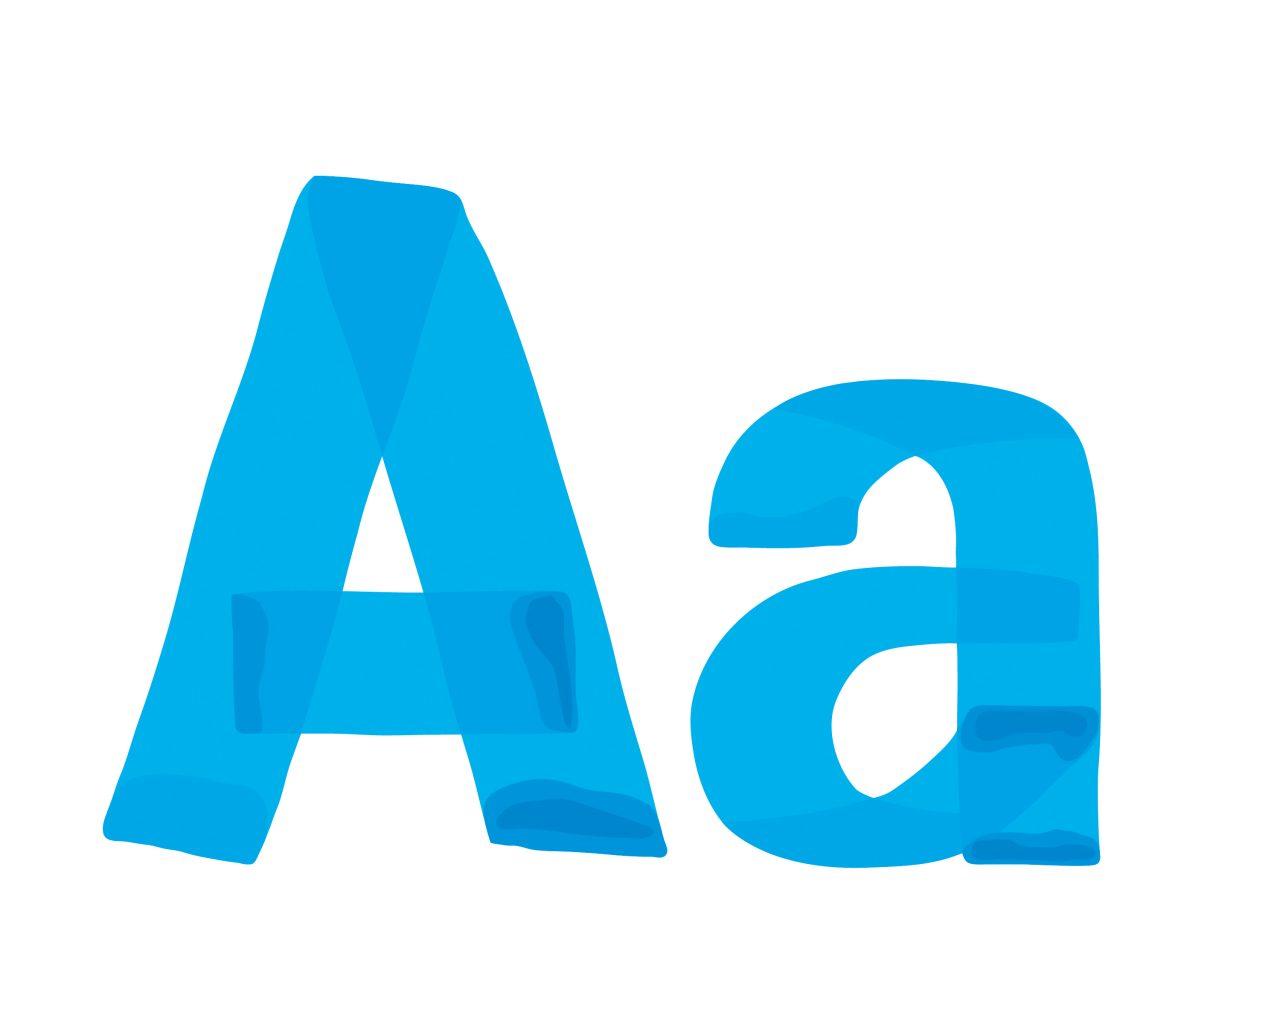 AGENTMEDIA_FDP_Marker_Font